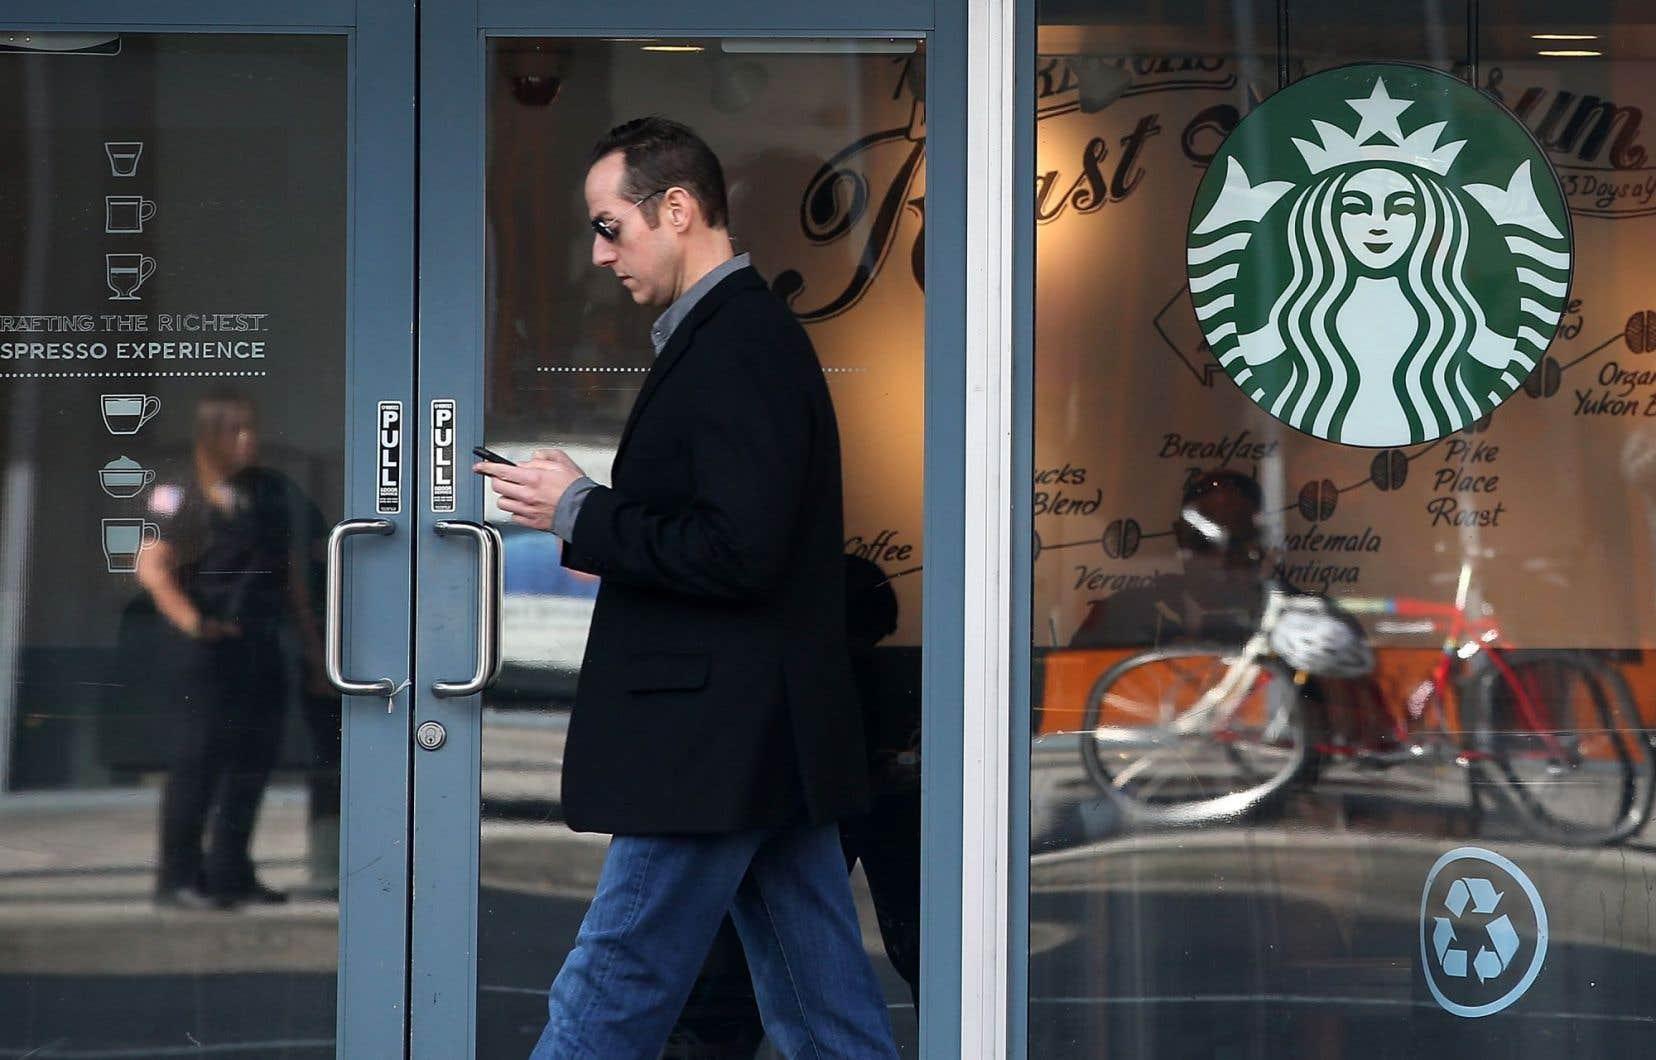 L'opération concerne l'ensemble des 7600 cafés à travers les États-Unis